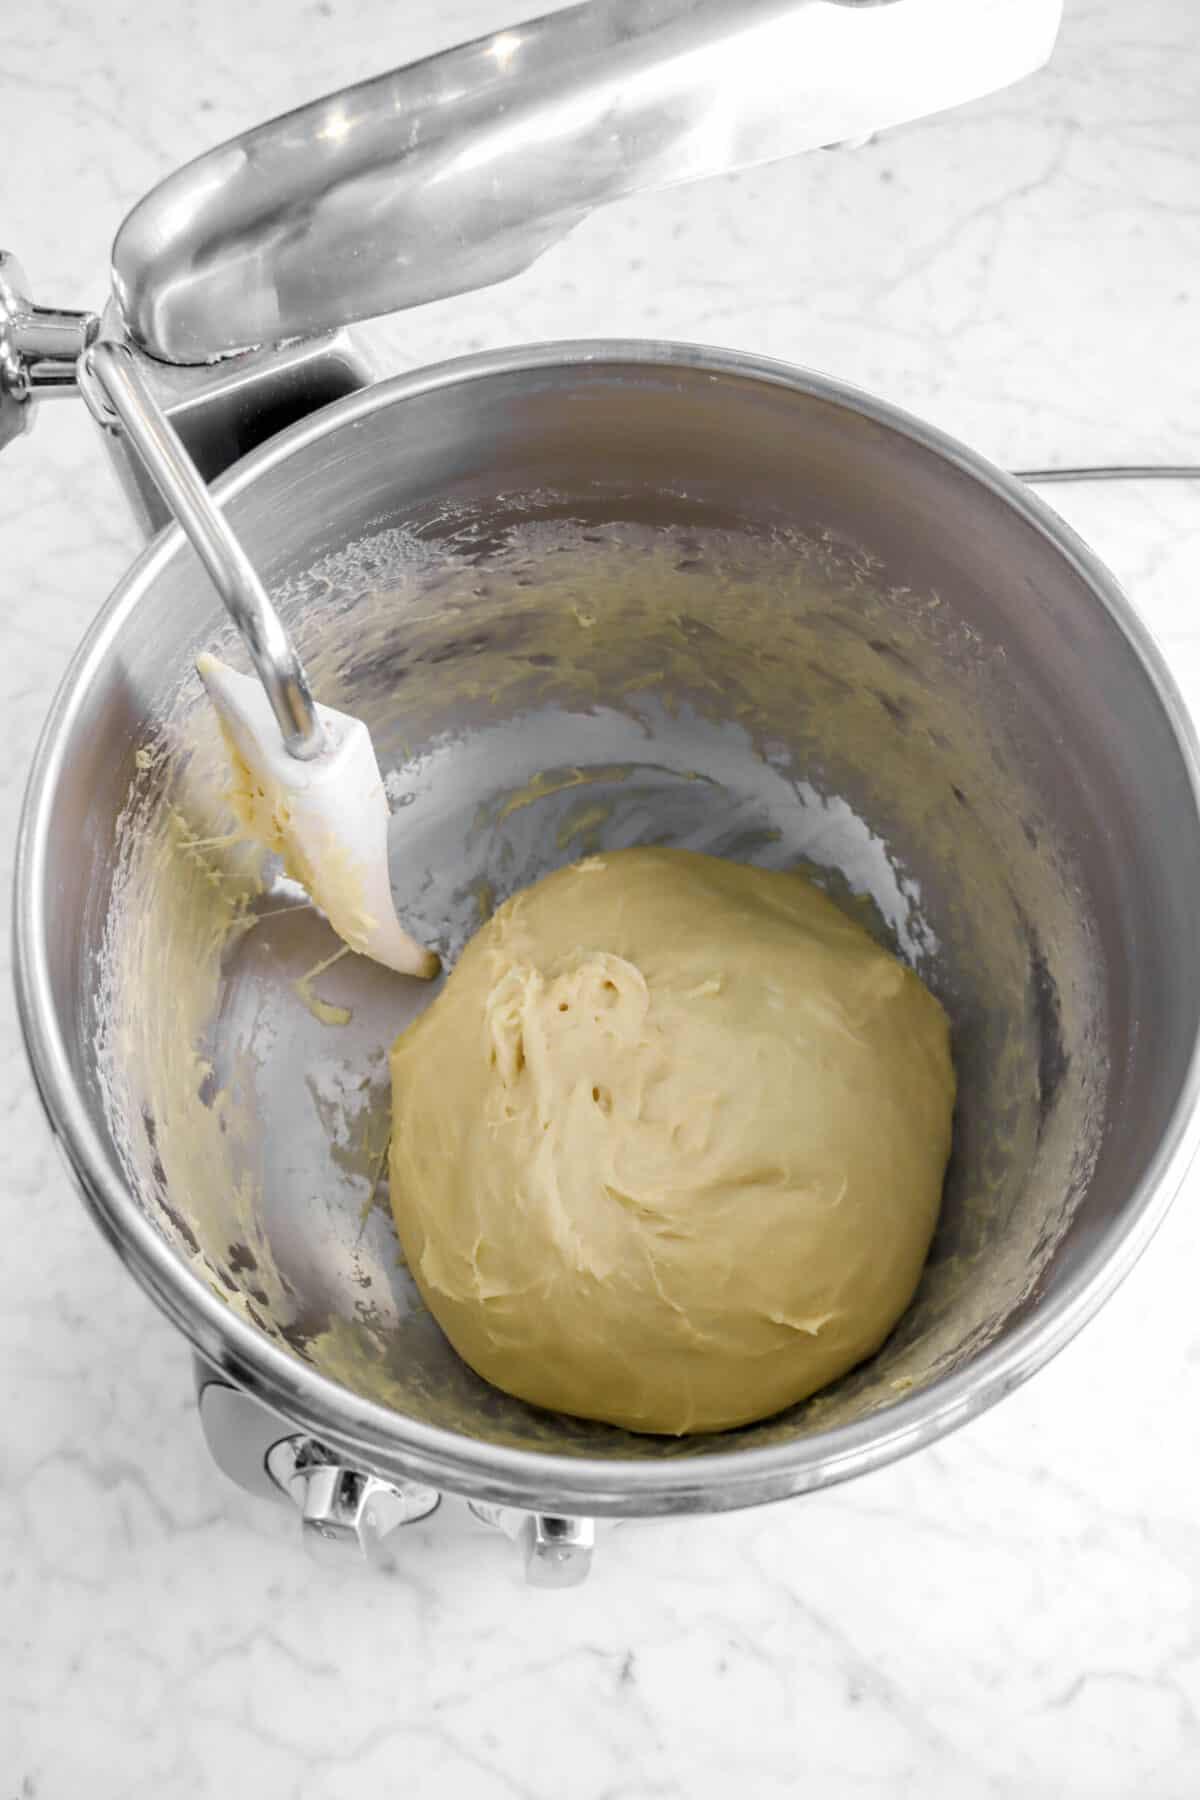 dough in a mixer